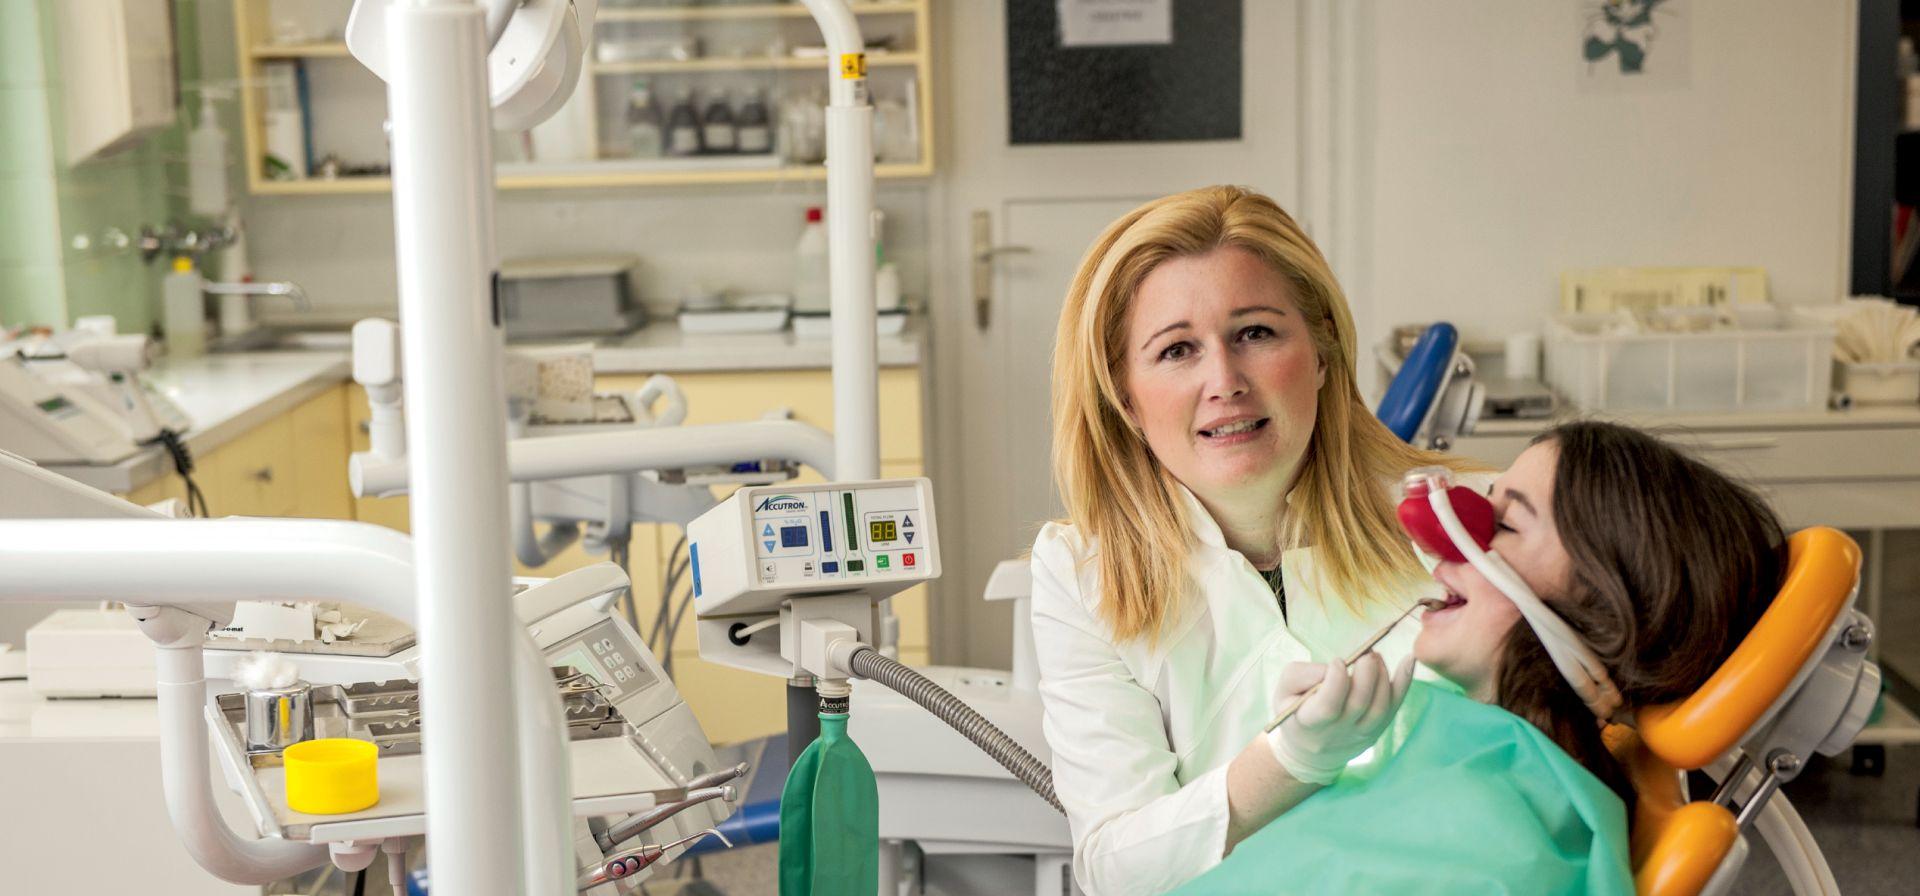 Djeca u Hrvatskoj imaju čak pet karijesa, najviše u EU, pa se vraćaju dječji stomatolozi